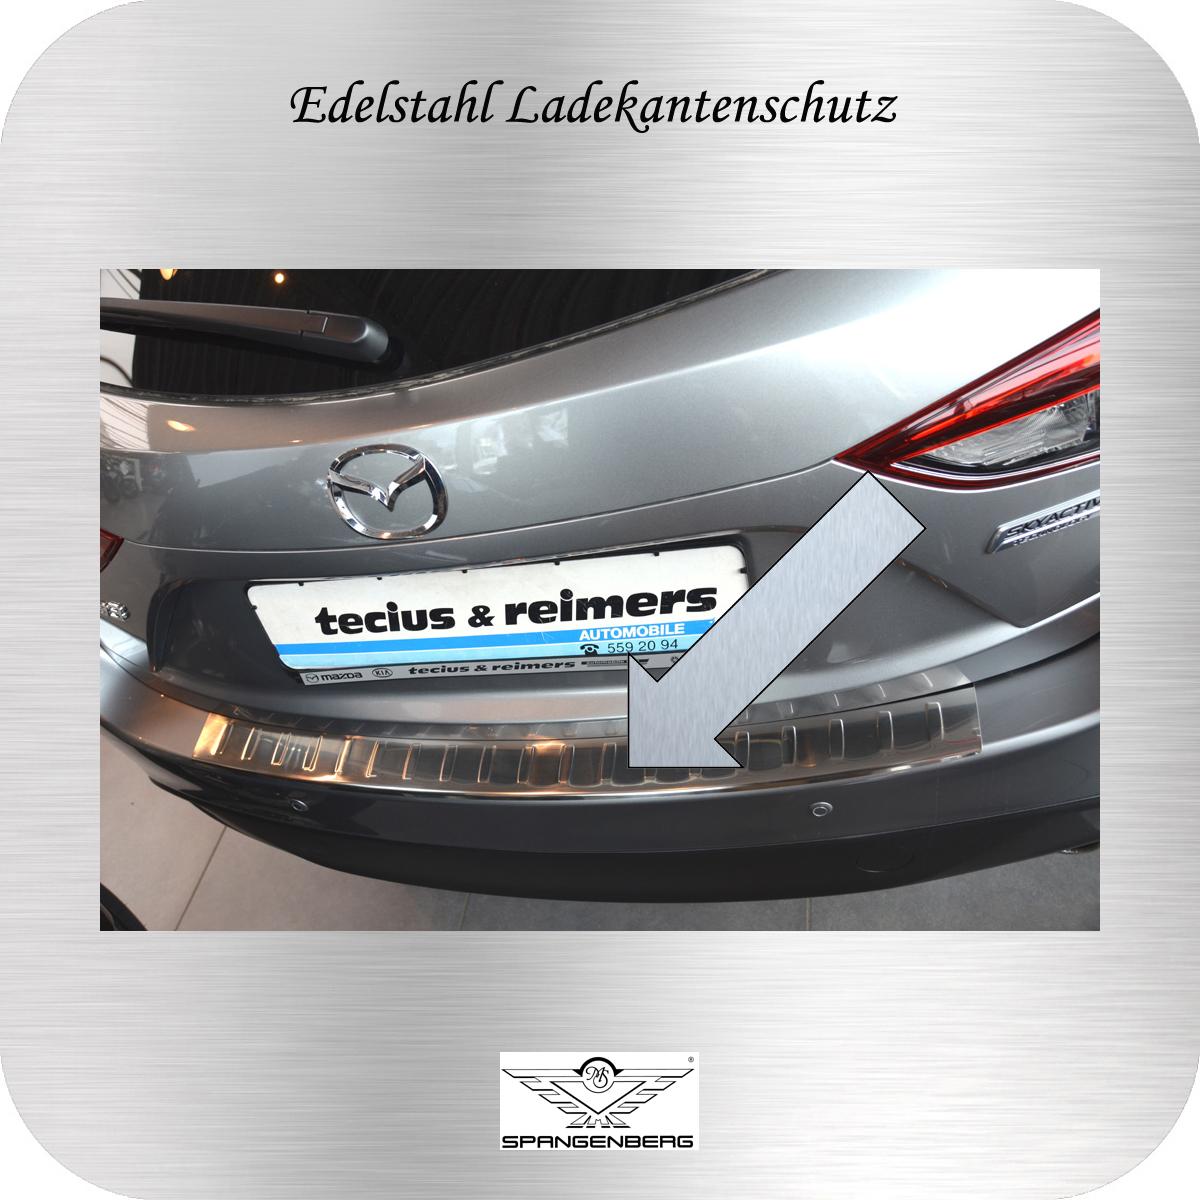 Ladekantenschutz Edelstahl Mazda 3 Schrägheck Typ BM Mazda3 2013- 3235761